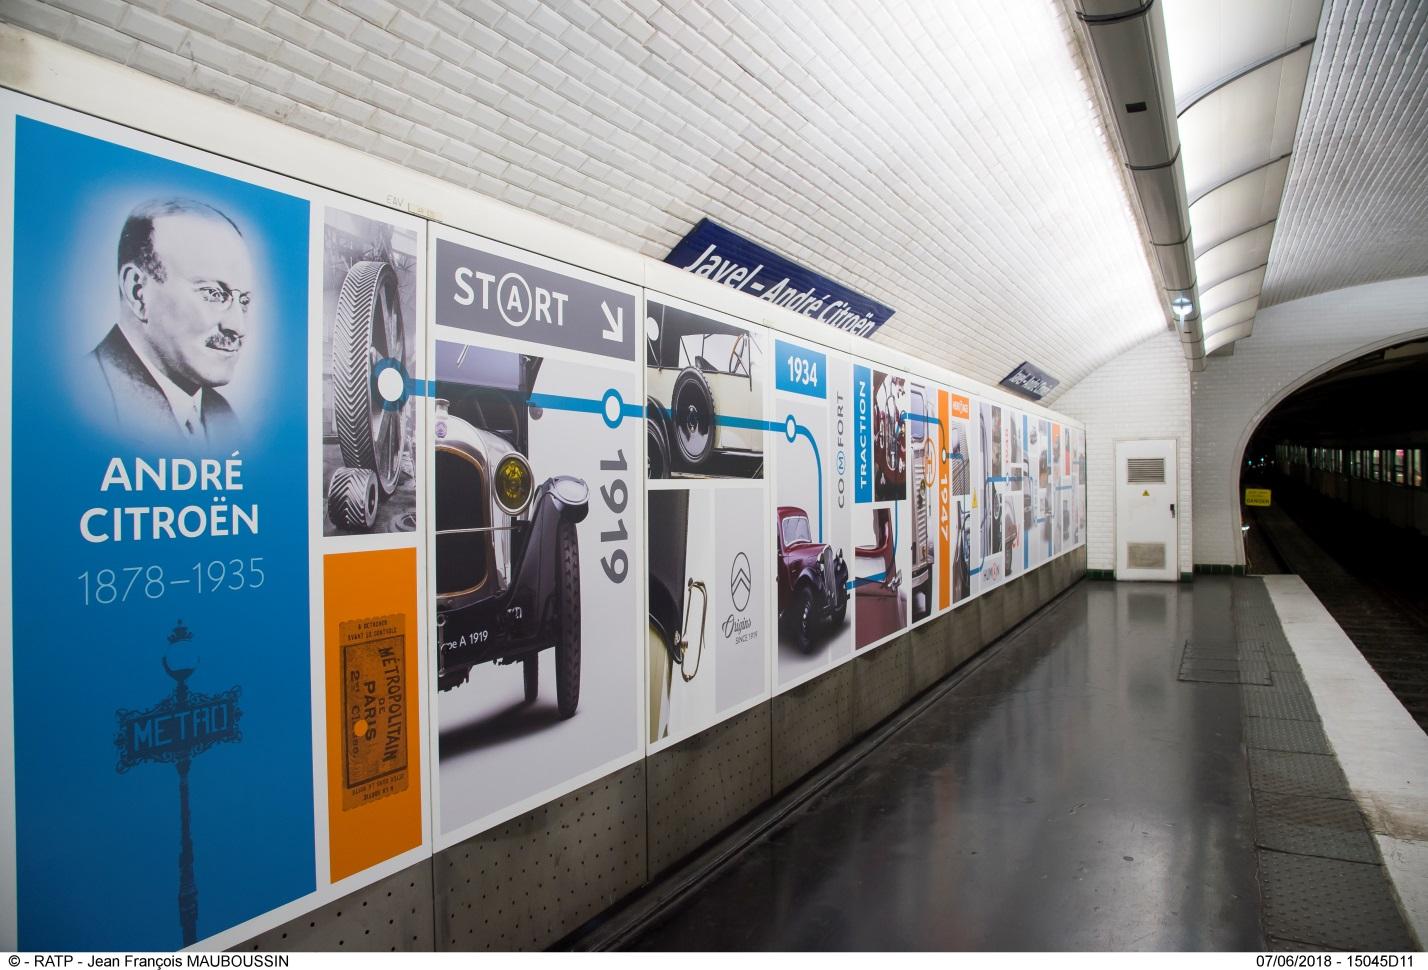 Citroën представляет новую экспозицию на станции метро «Жавель — Андре Ситроен»